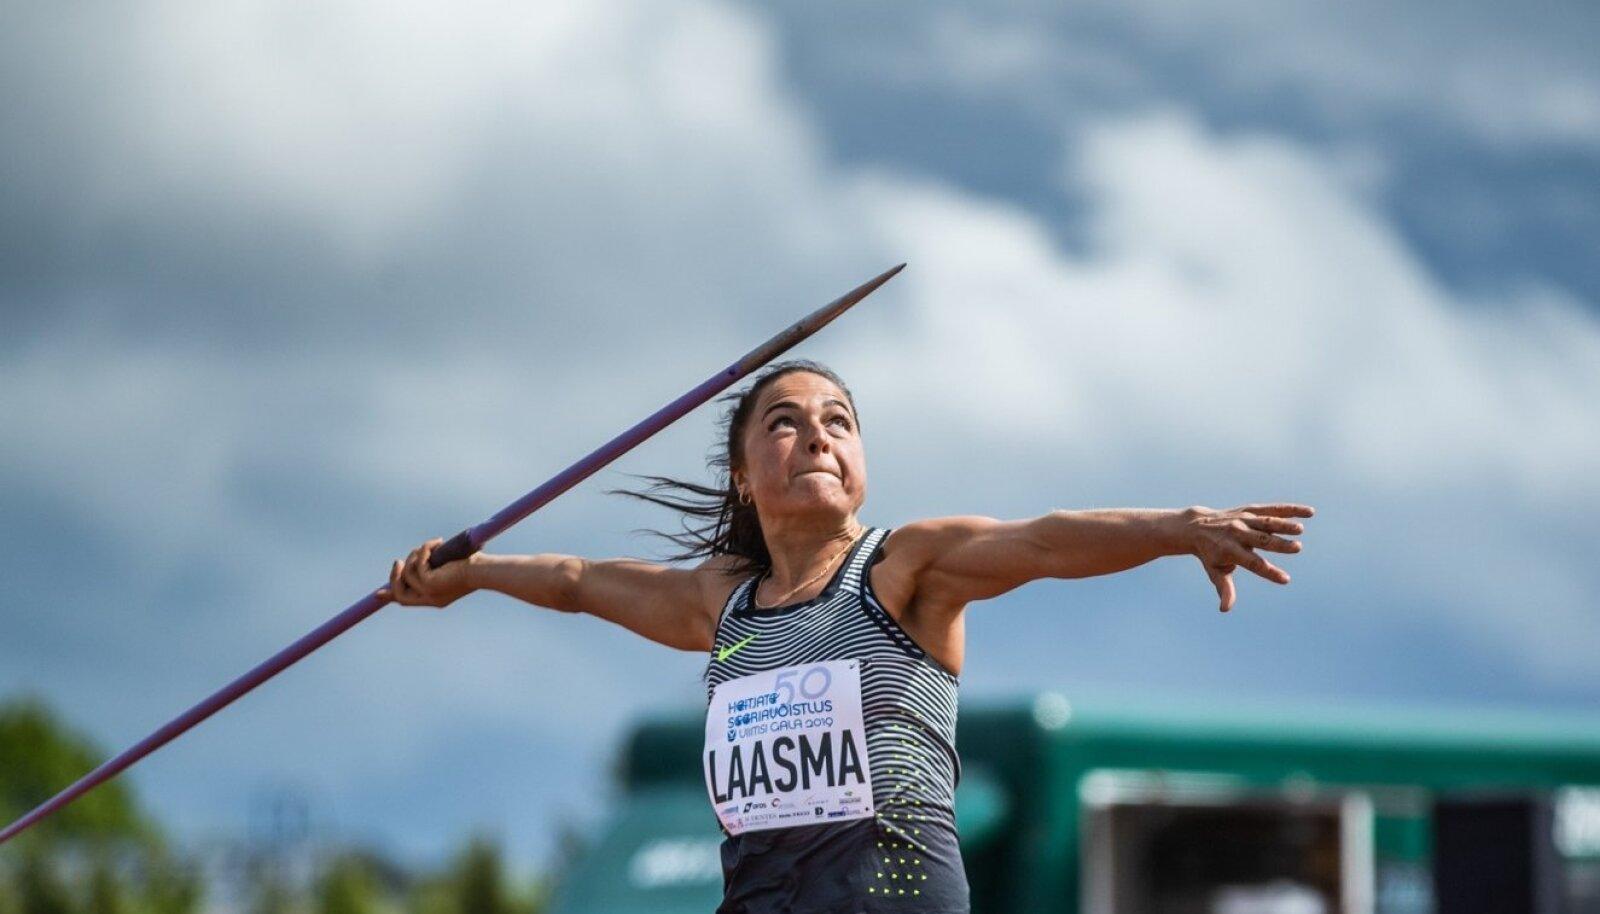 Liina Laasma.